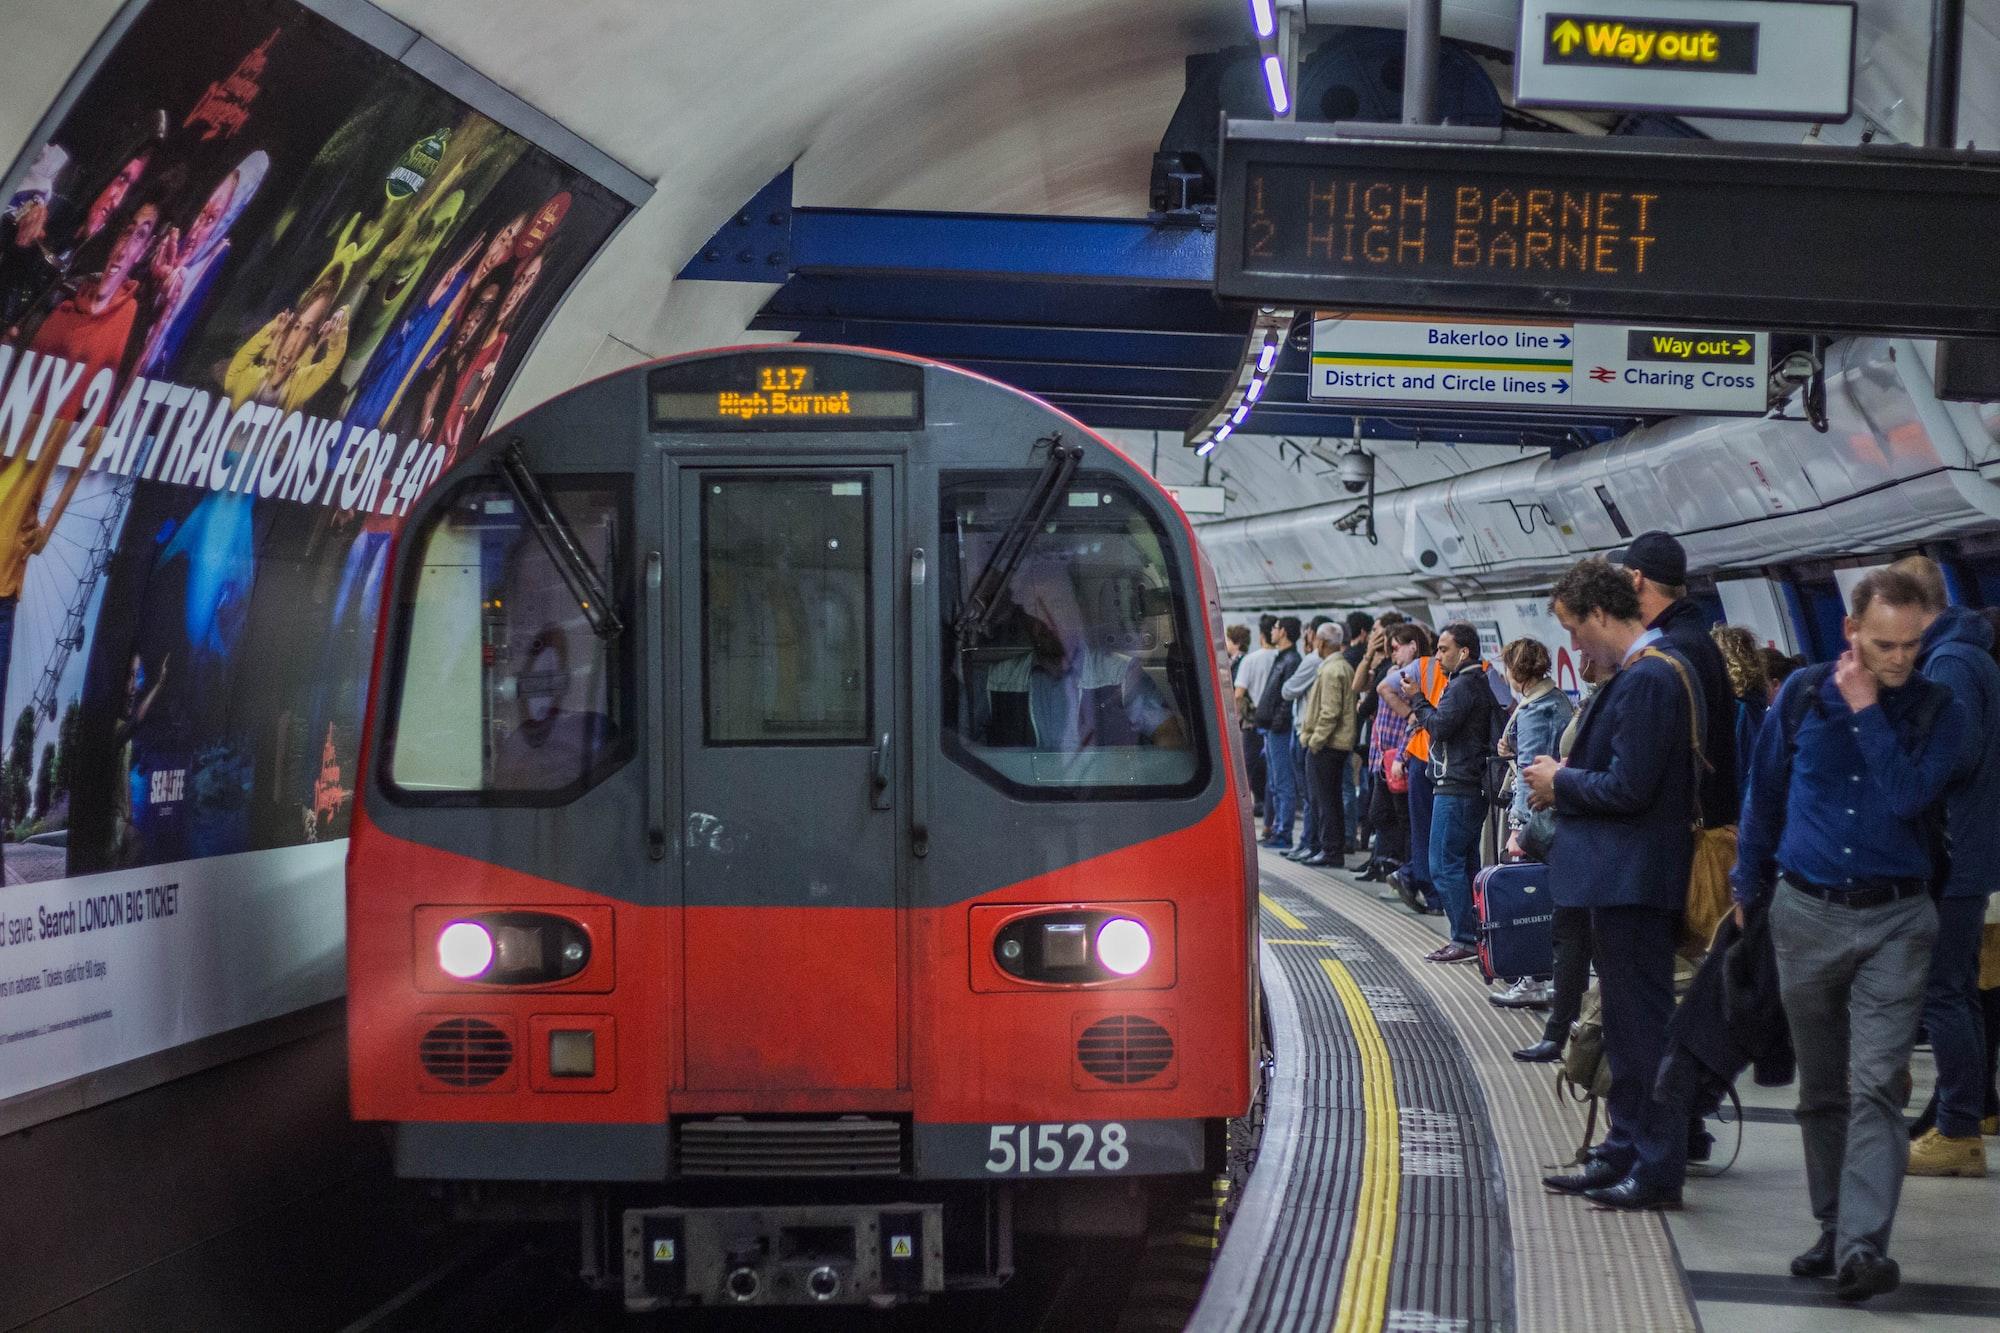 UK's Underground